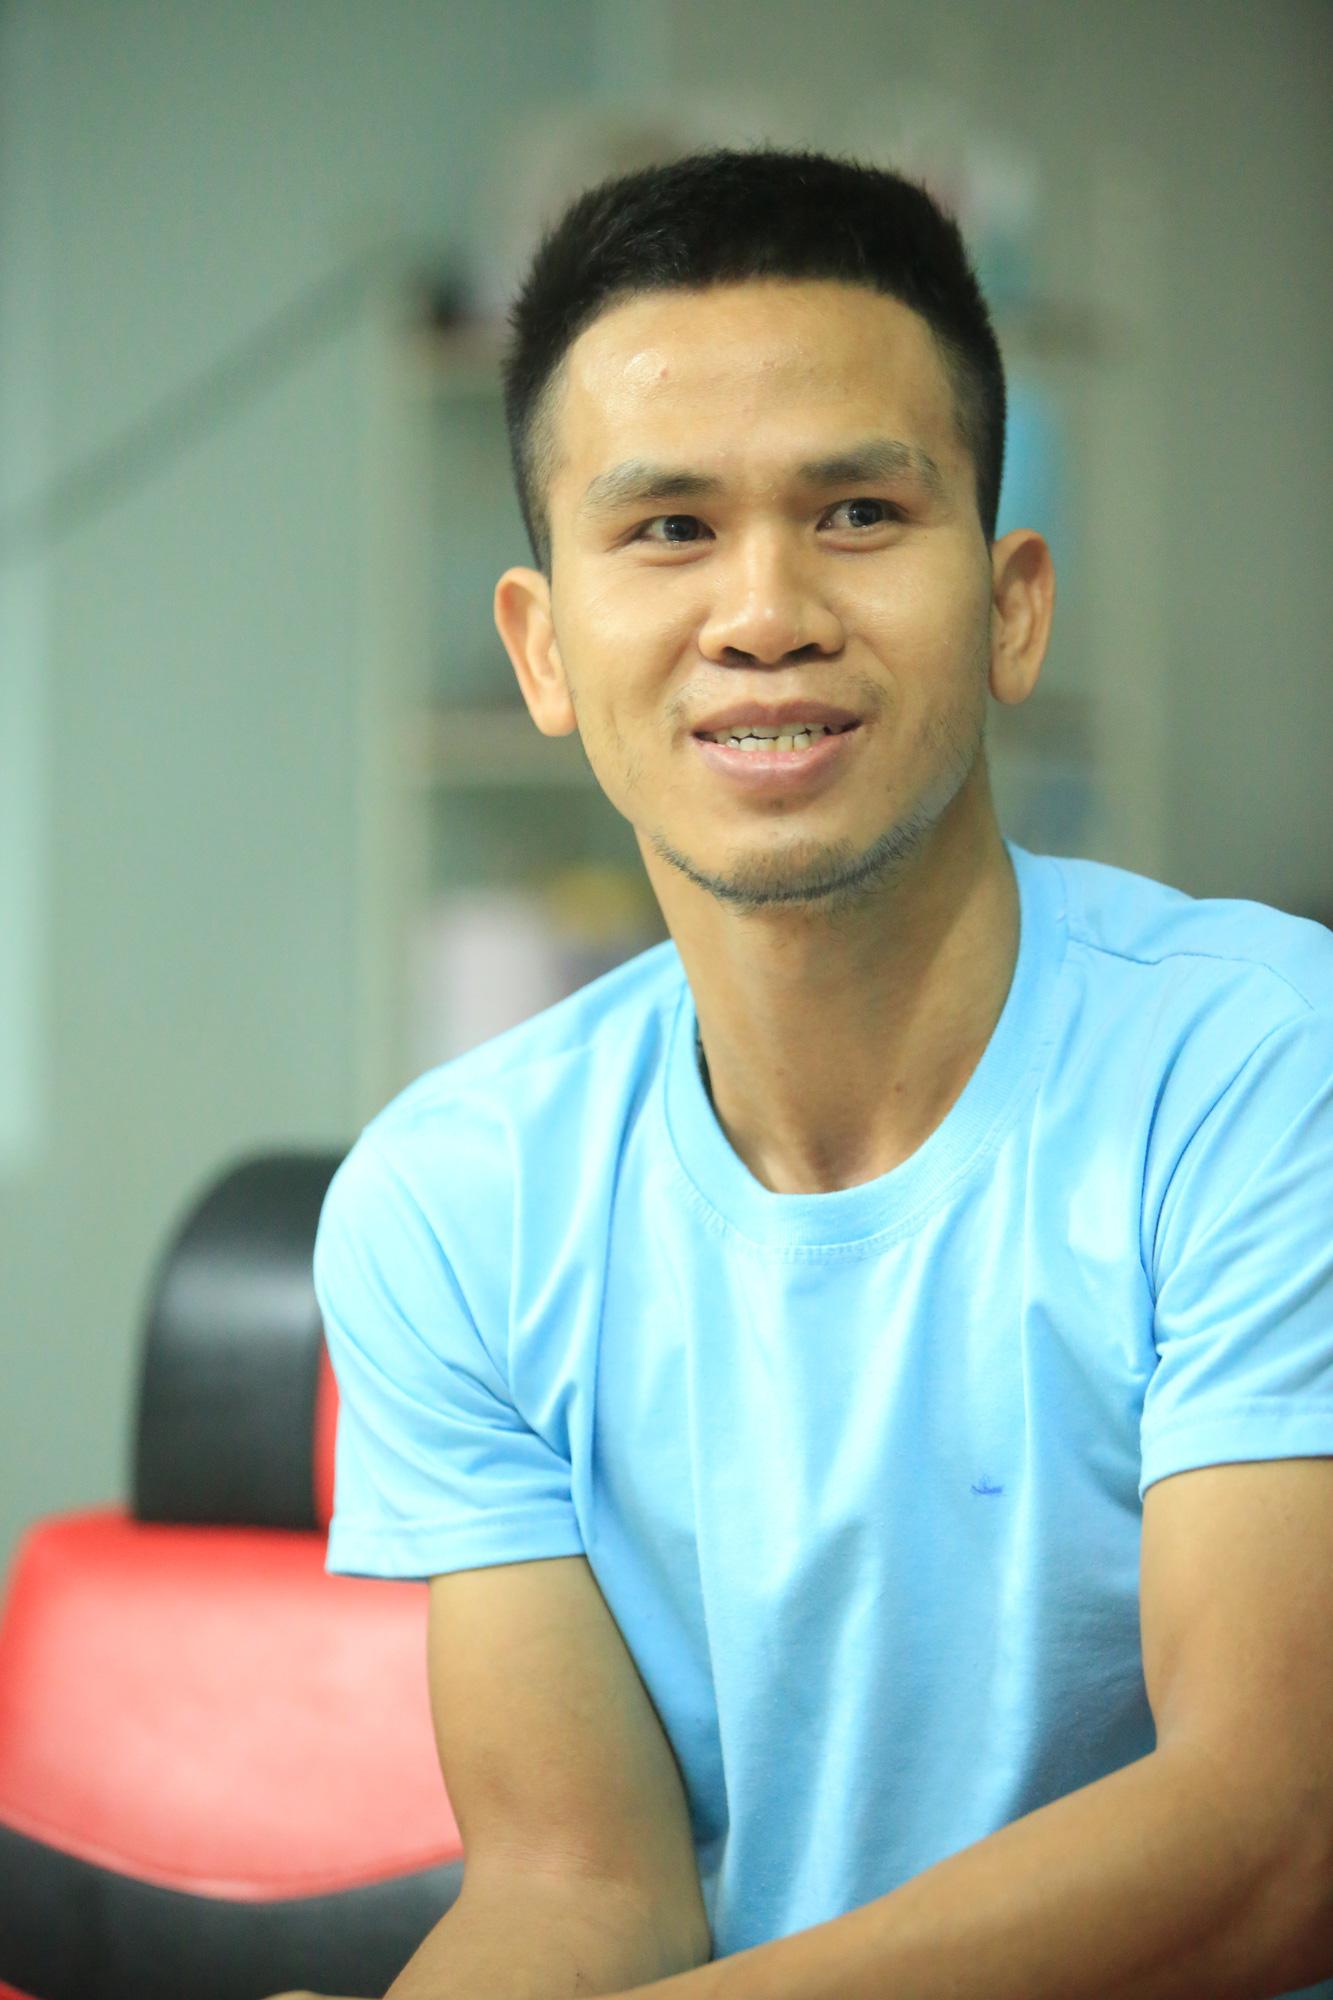 Thủ tướng Nguyễn Xuân Phúc gửi thư khen anh Nguyễn Ngọc Mạnh- người cứu cháu bé rơi từ tầng 13 chung cư - Ảnh 1.